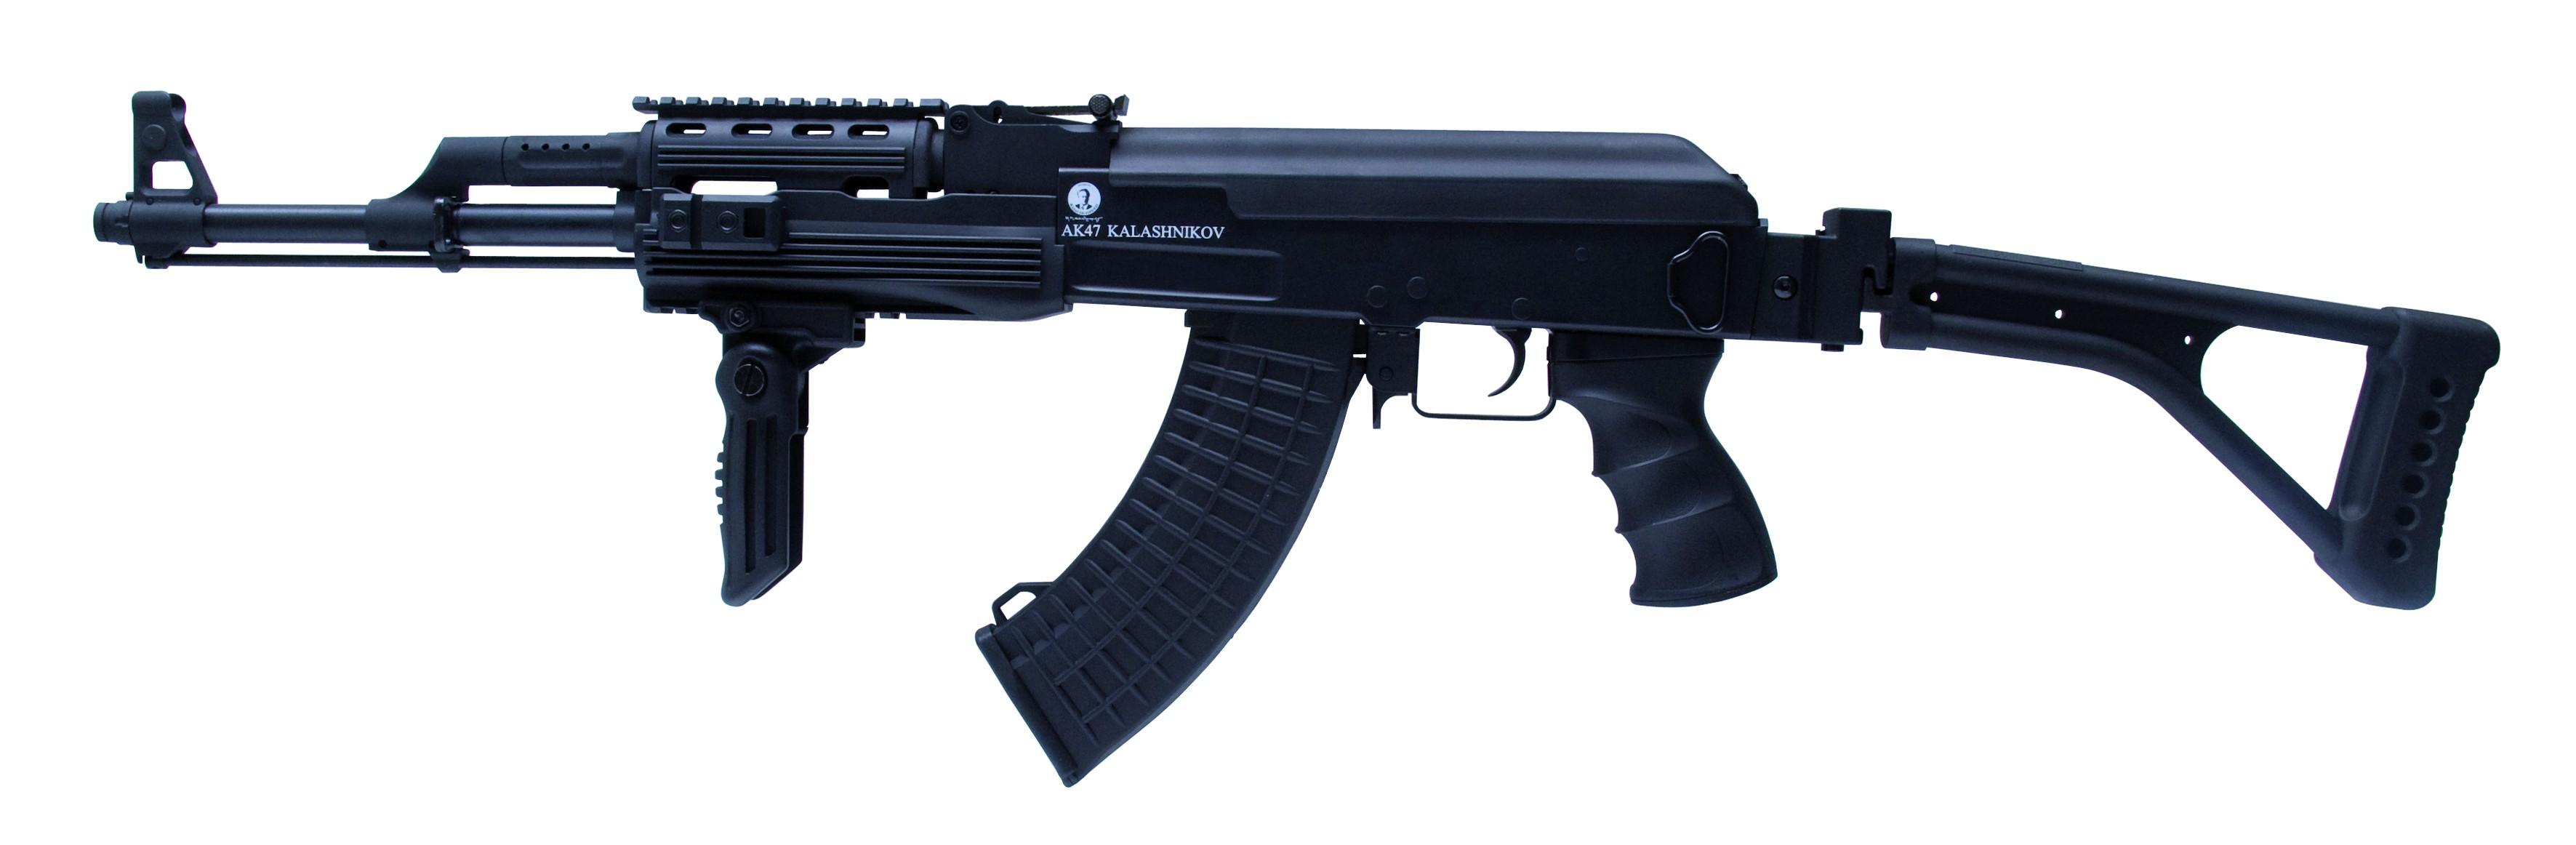 Ak 47 Wallpaper Iphone Kalashnikov ak 47 weapon gun 3543x1162